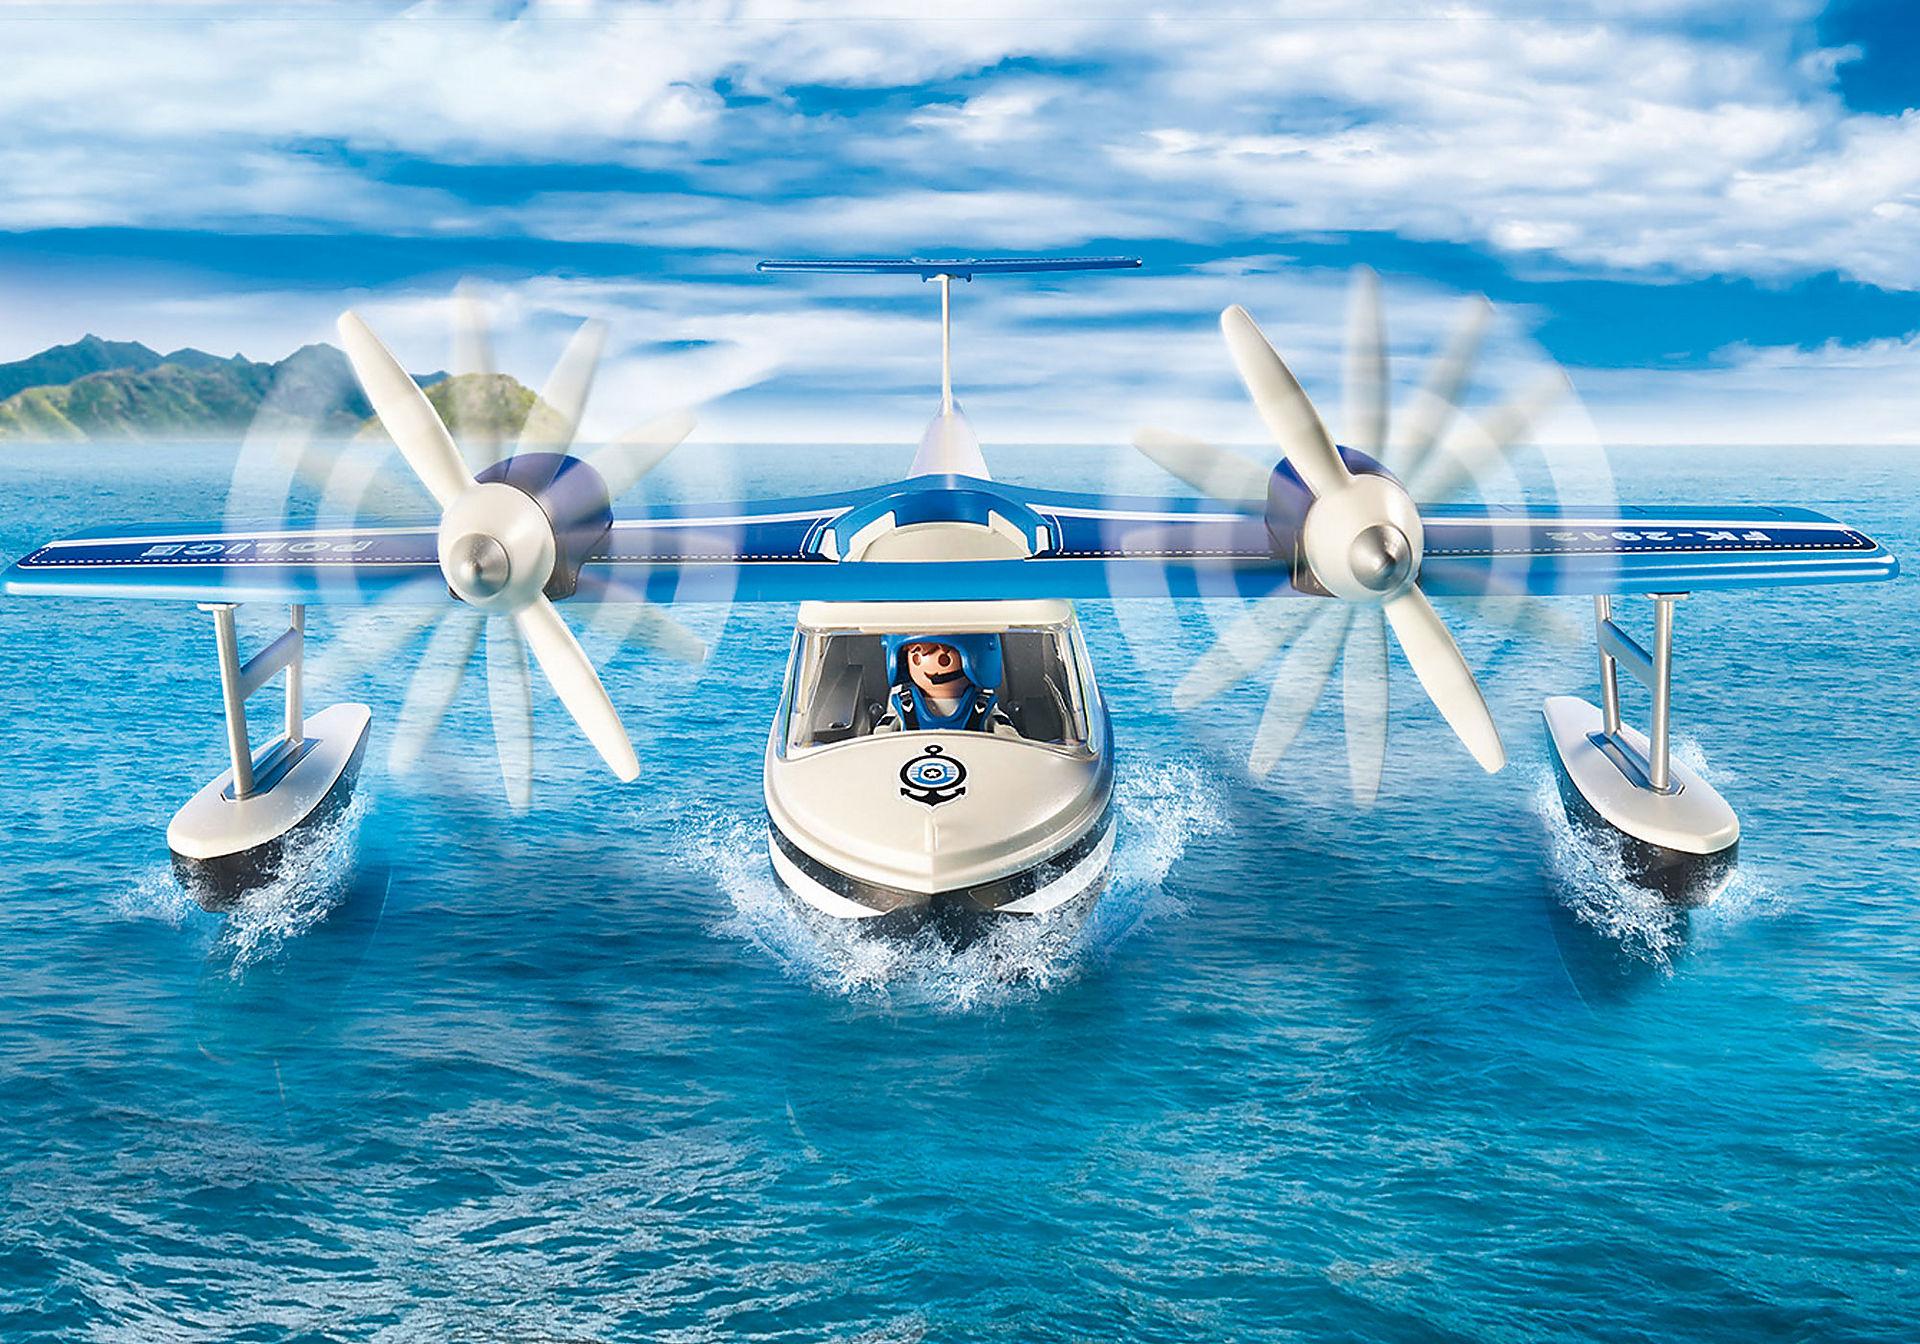 9436 Polizei-Wasserflugzeug zoom image6